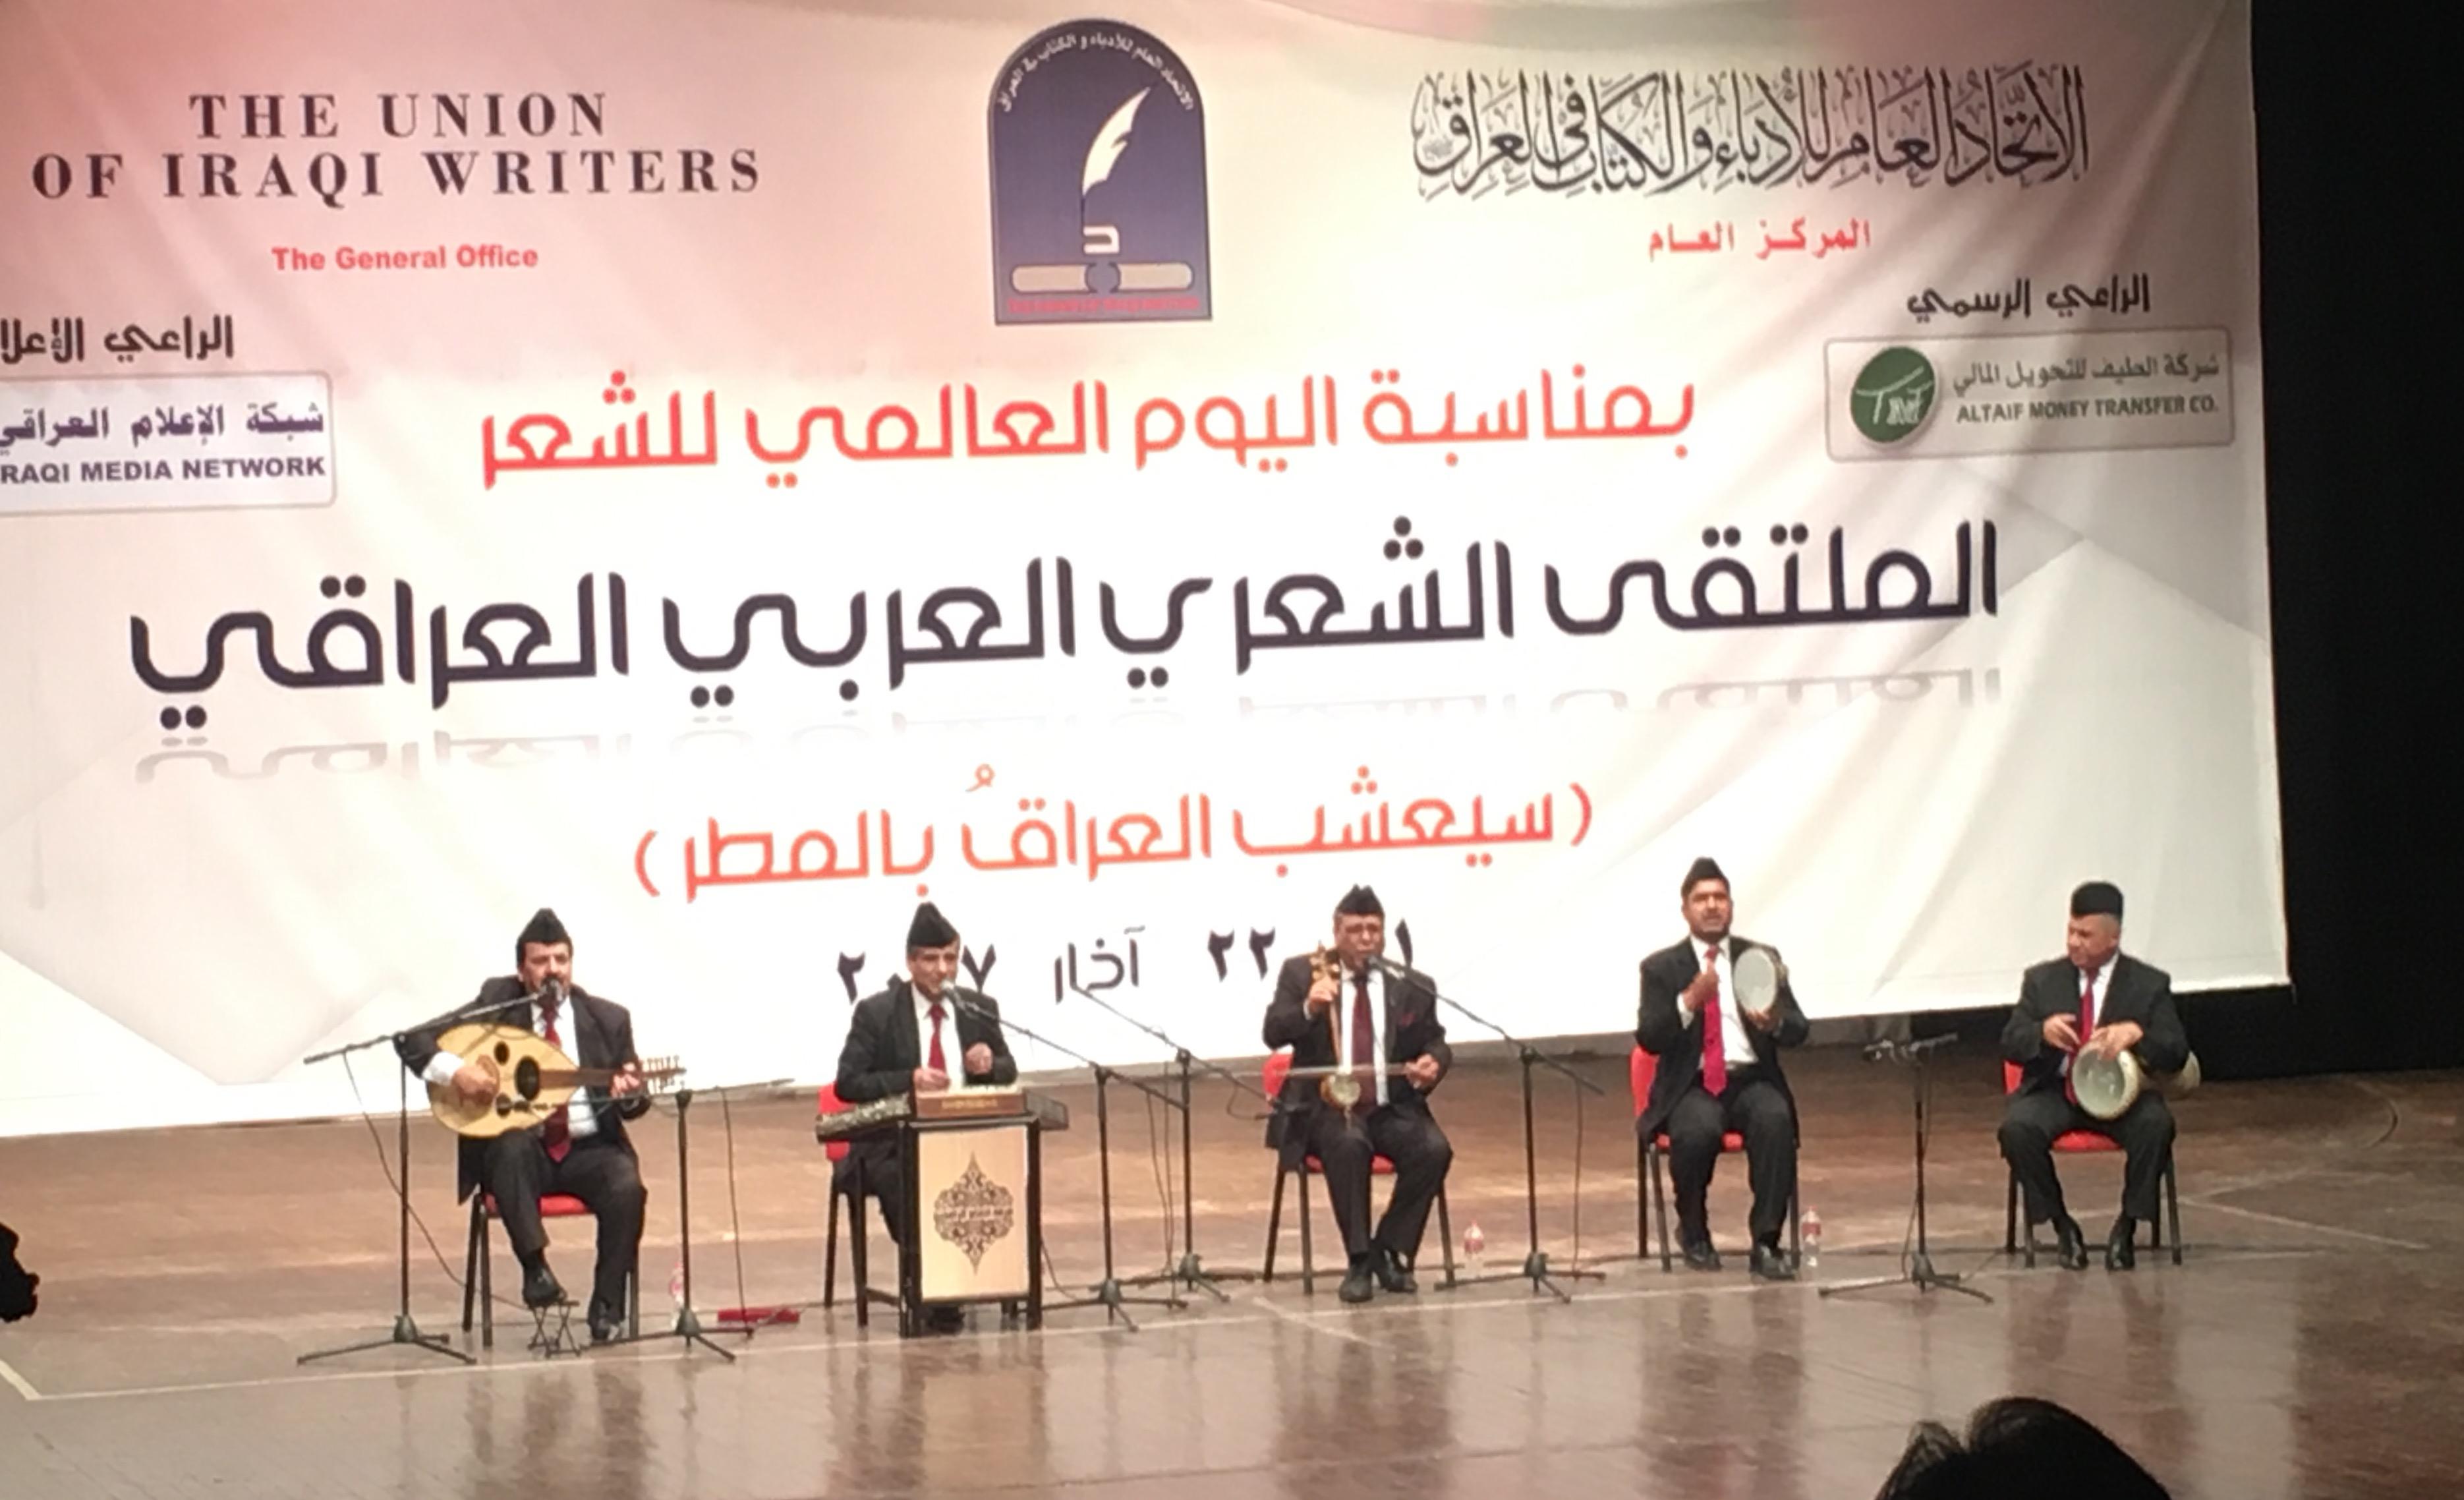 بغداد تحتضن الملتقى الشعري العربي العراقي بمناسبة اليوم العالمي للشعر